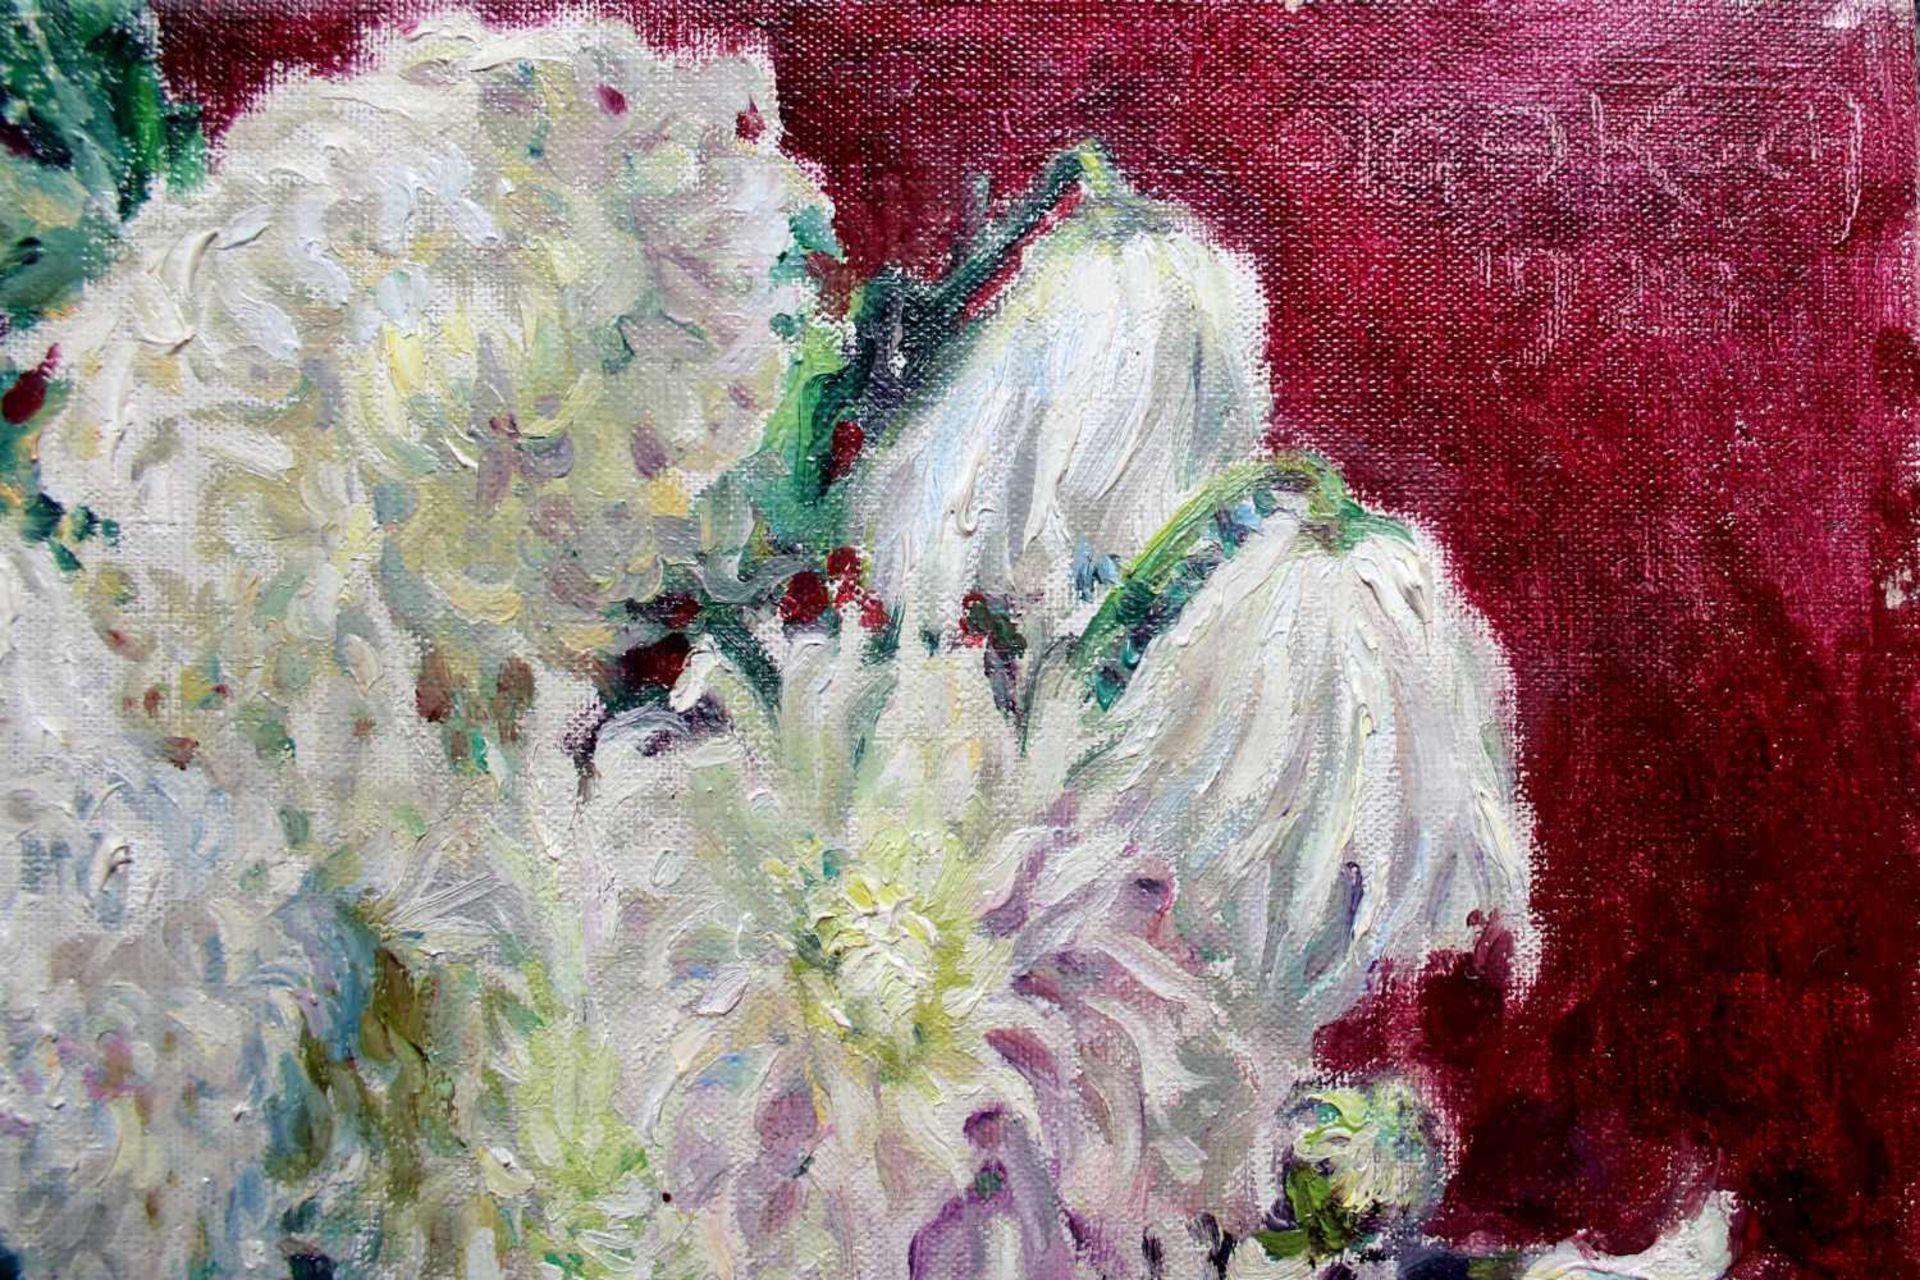 Olga Koch (1878 - 1954) Blumen in Vase 1923 Öl auf Leinwand Signiert und datiert, Rückseitig mit - Bild 2 aus 3